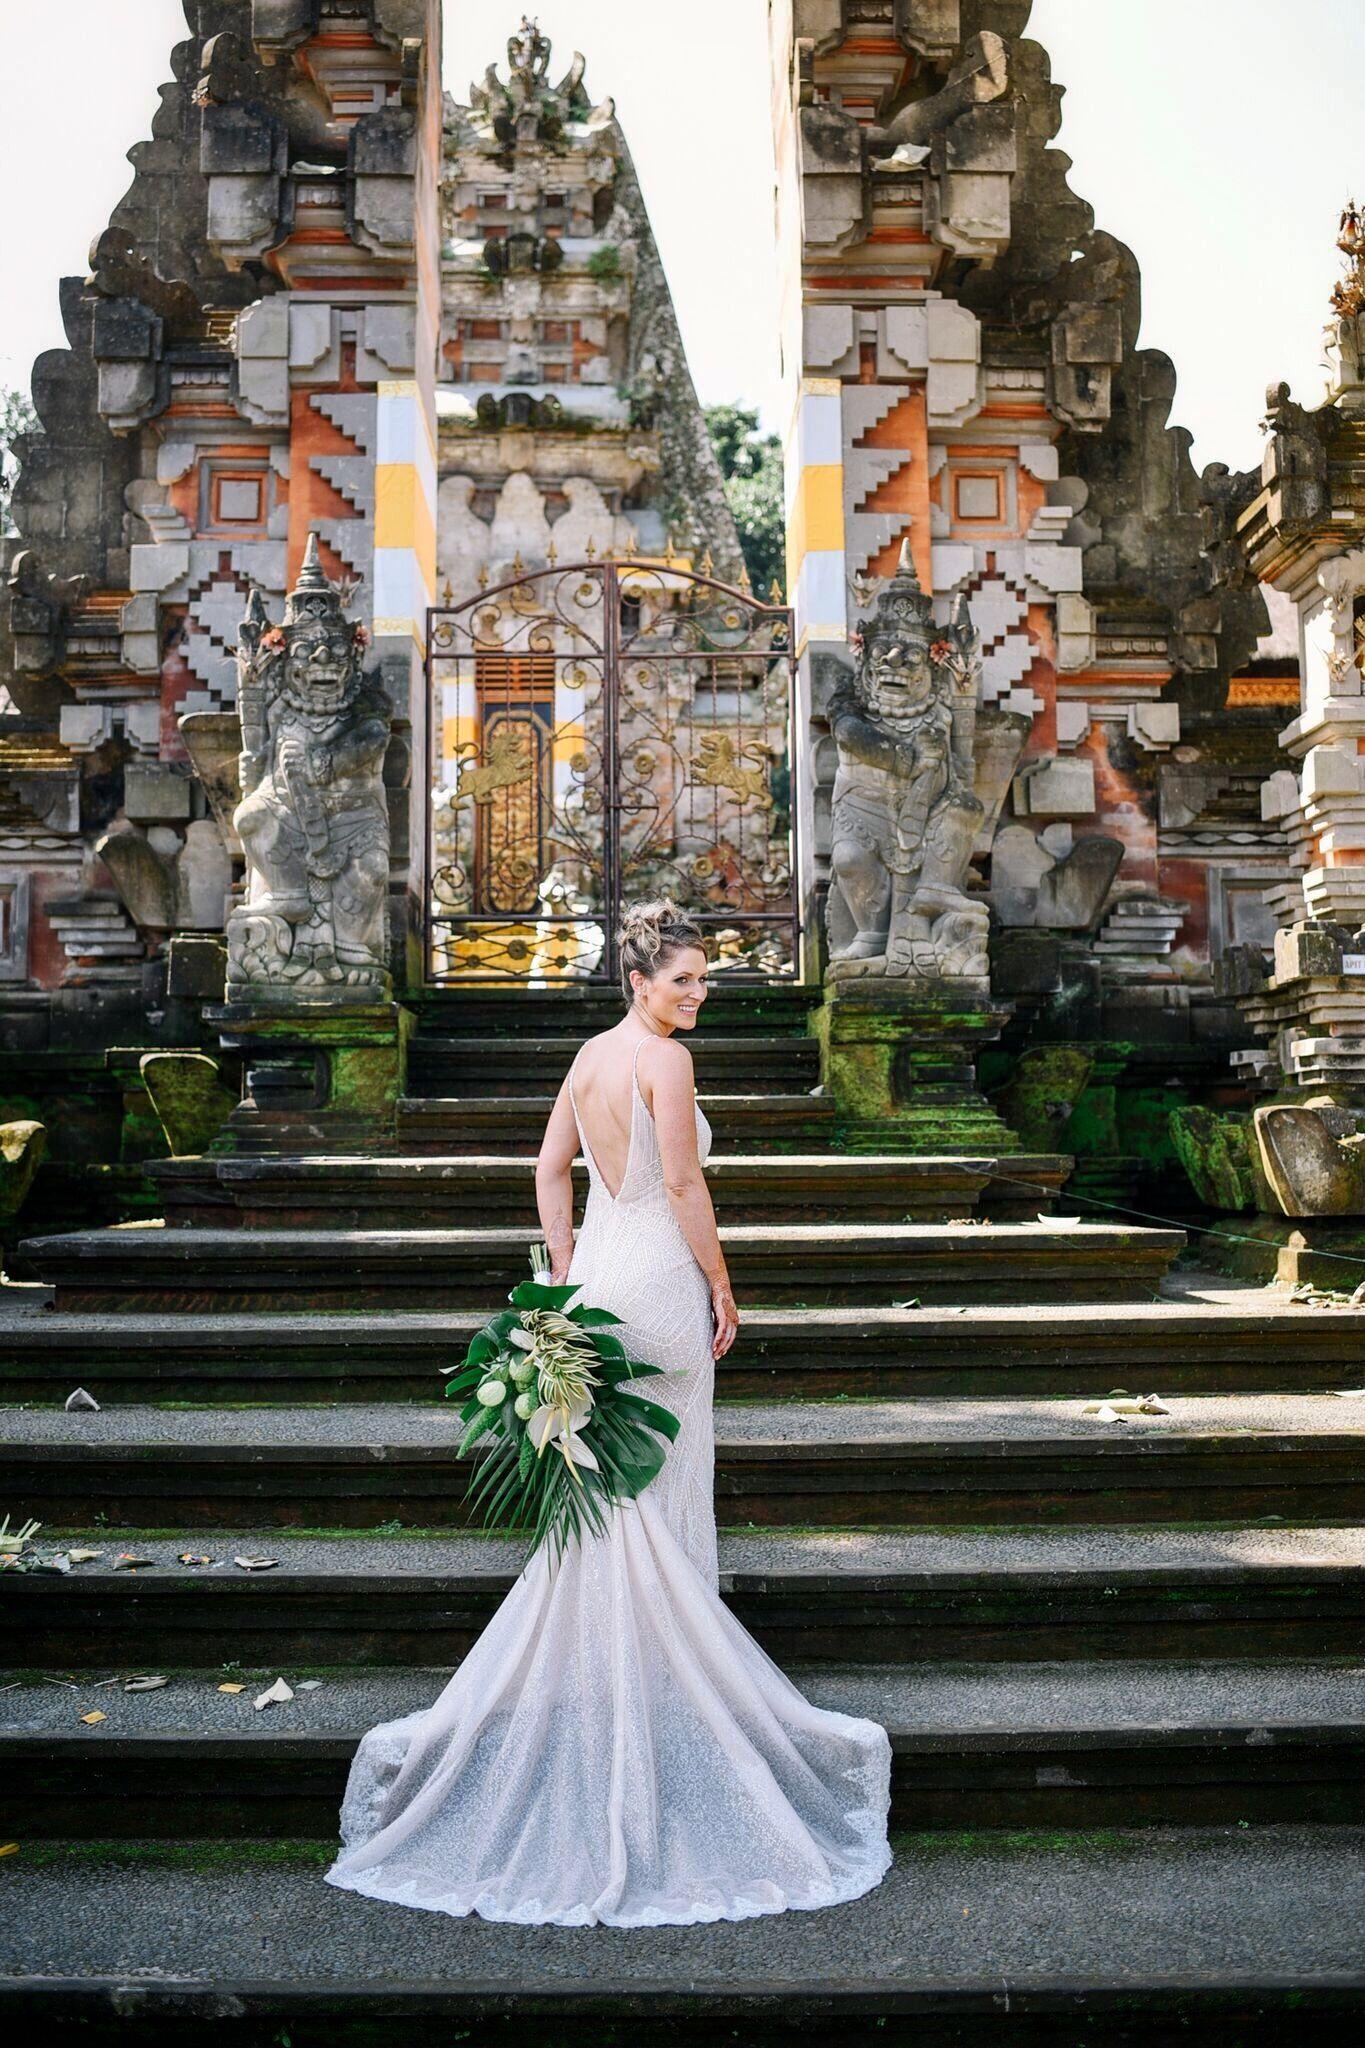 Gemütlich Bali Wedding Dress Zeitgenössisch - Brautkleider Ideen ...